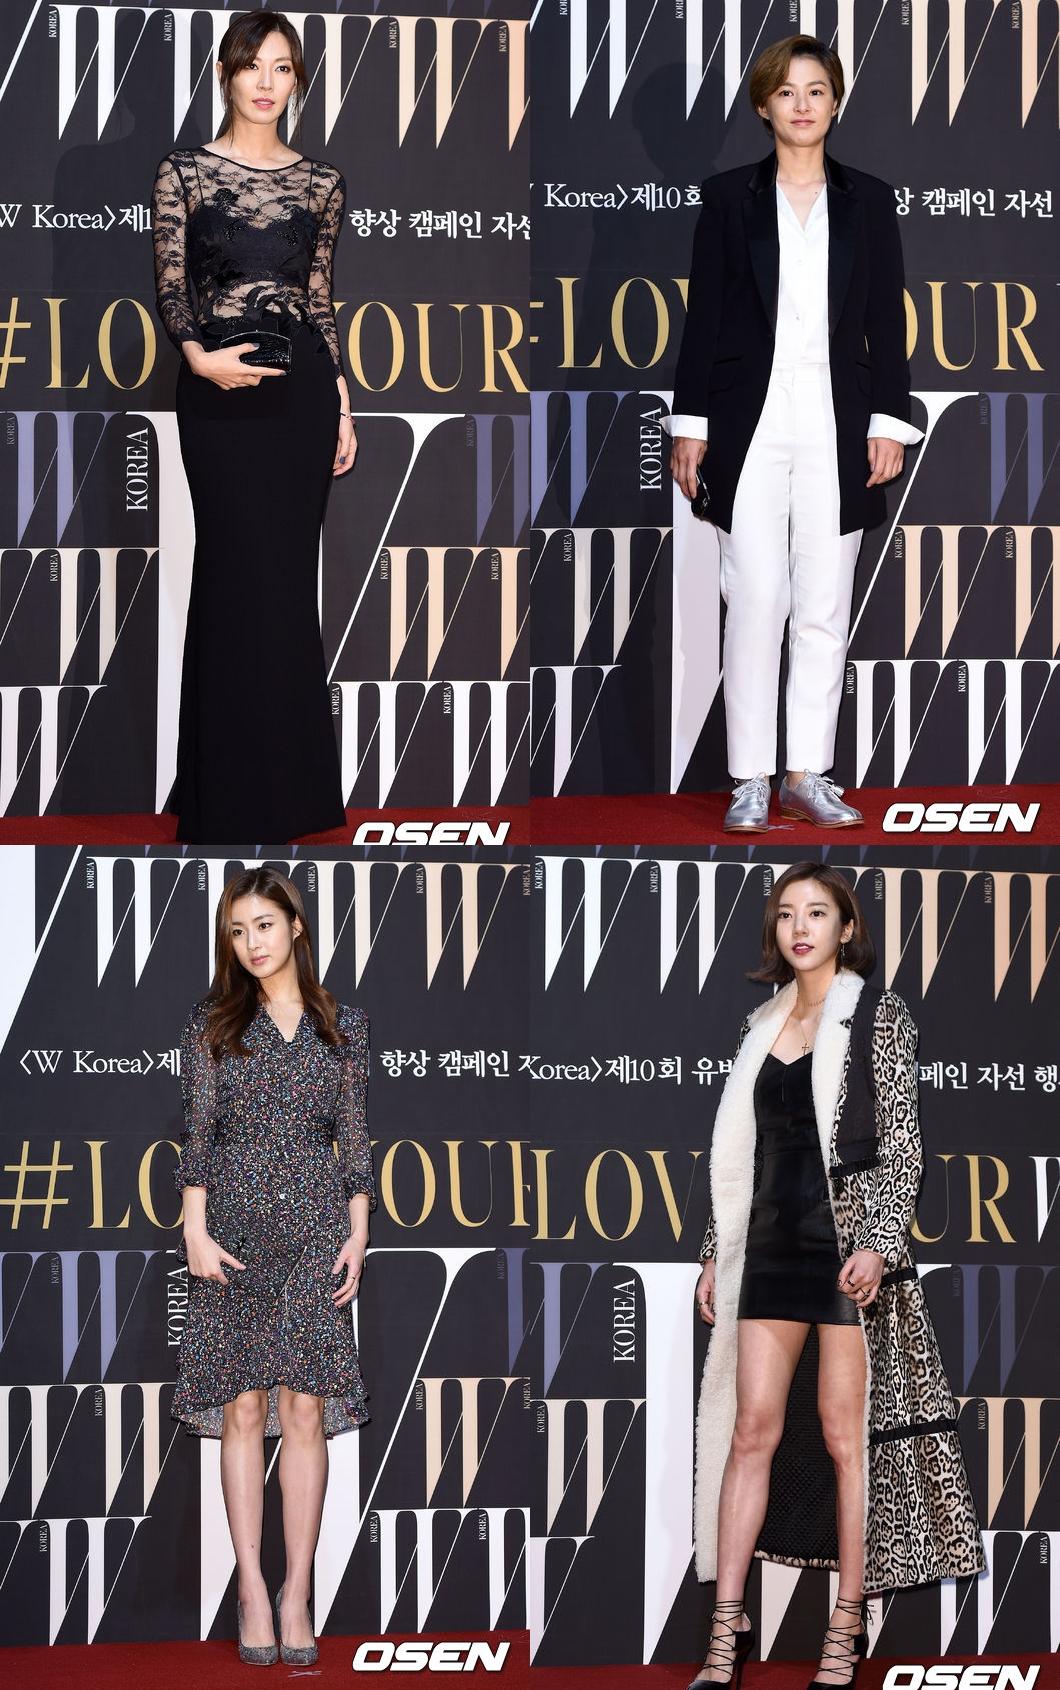 由左至右,由上至下分別是金素妍、姜惠貞、姜素拉、孫淡妃,四位廣為人知的美女代表作了4人4色的最佳表現。